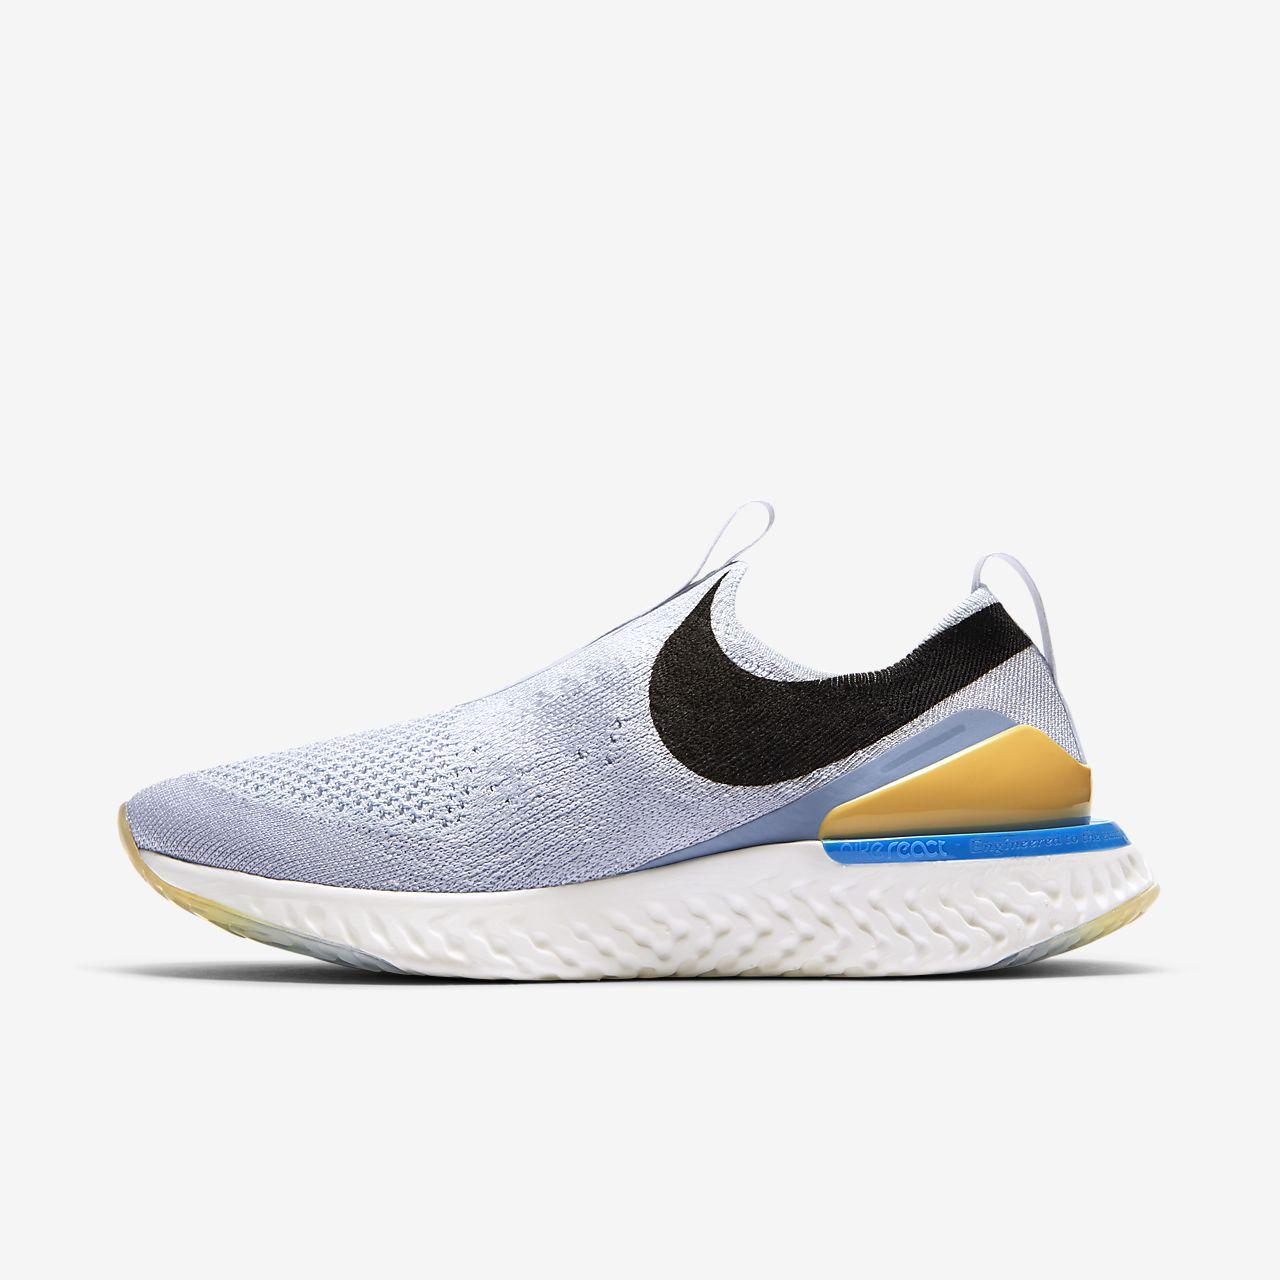 Nike Epic Phantom React Hardloopschoen voor dames